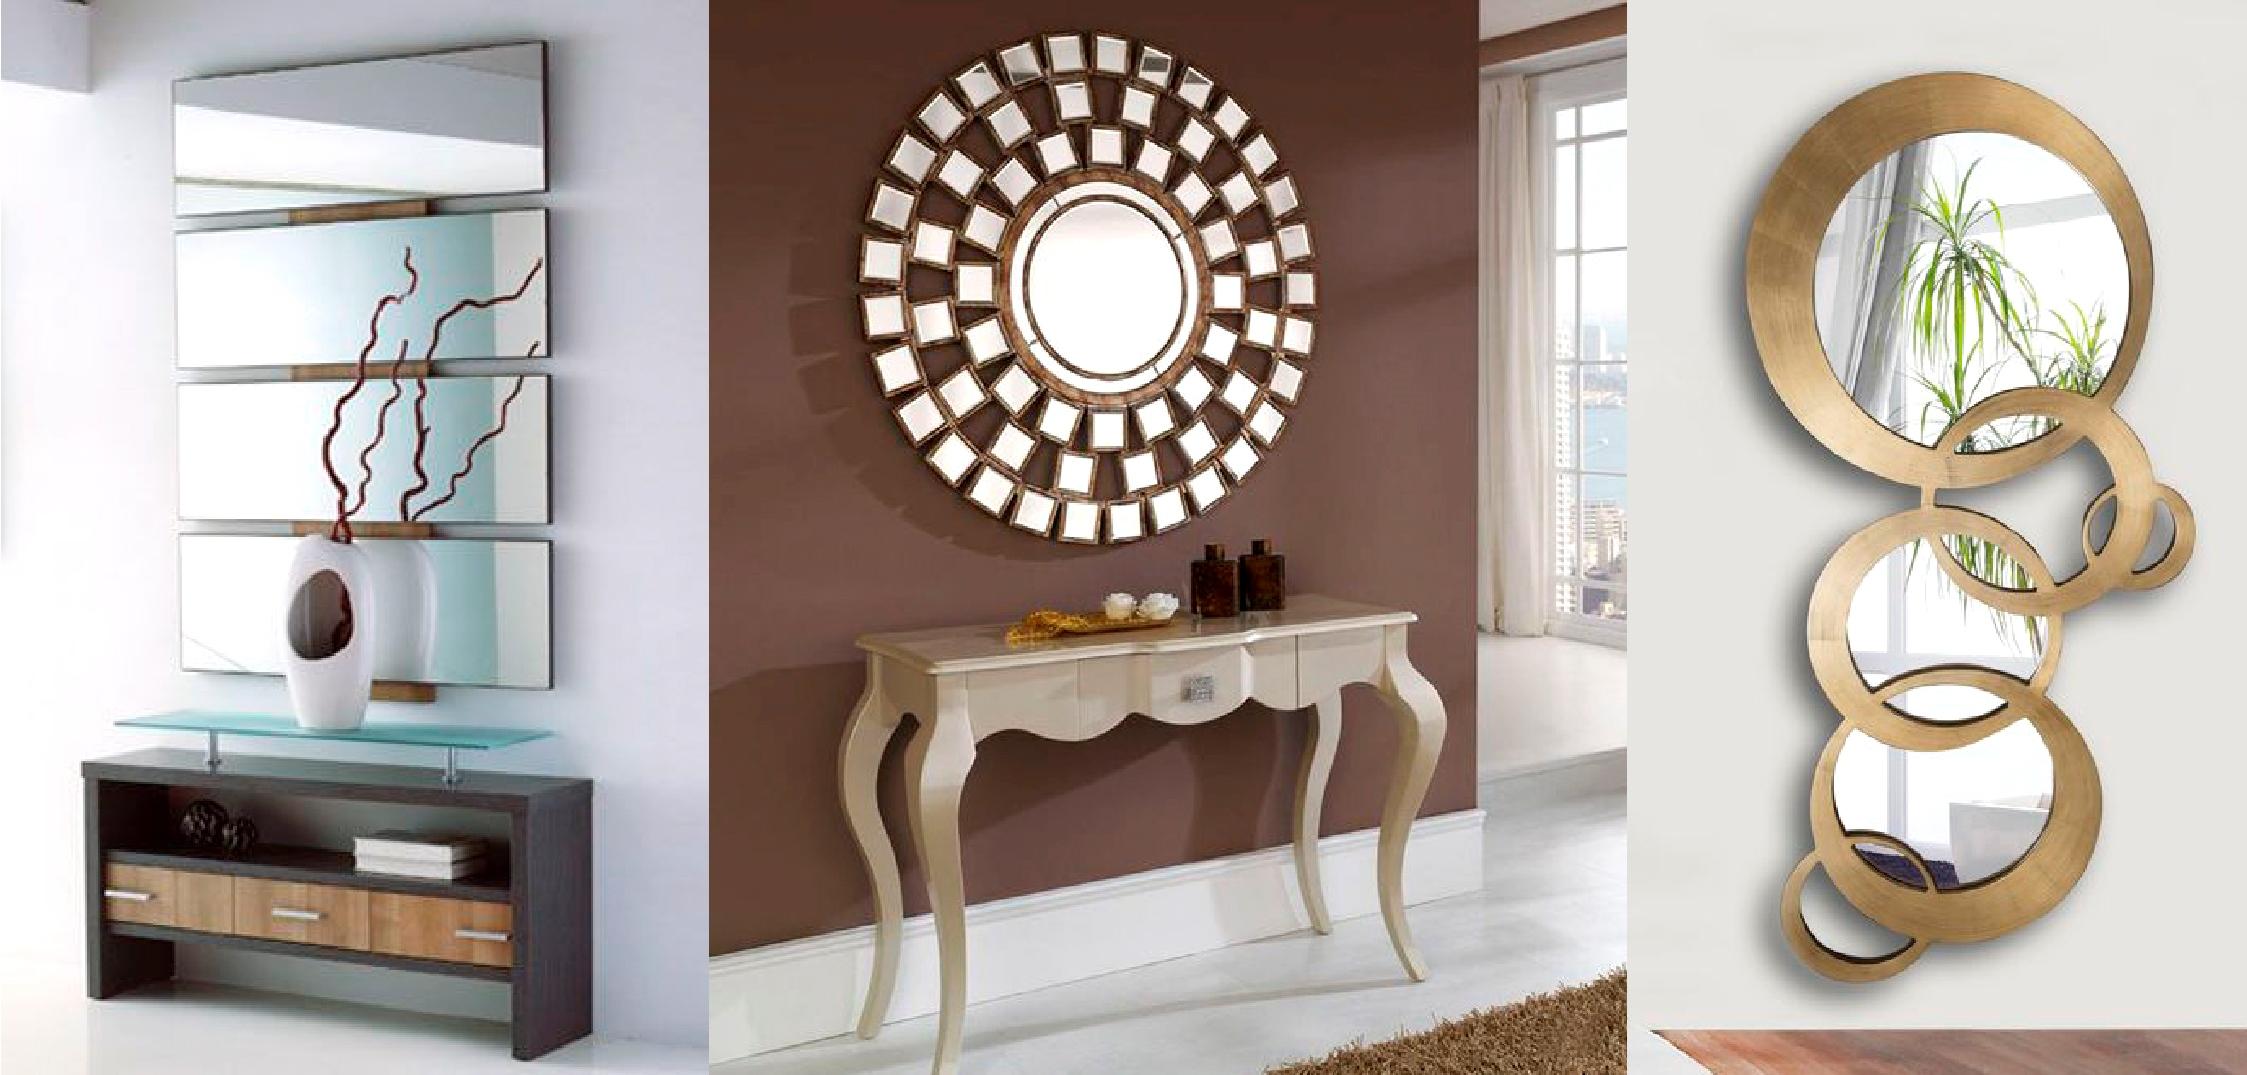 Estilo y elegancia decorando con espejos argenprop - Espejos pequenos pared ...